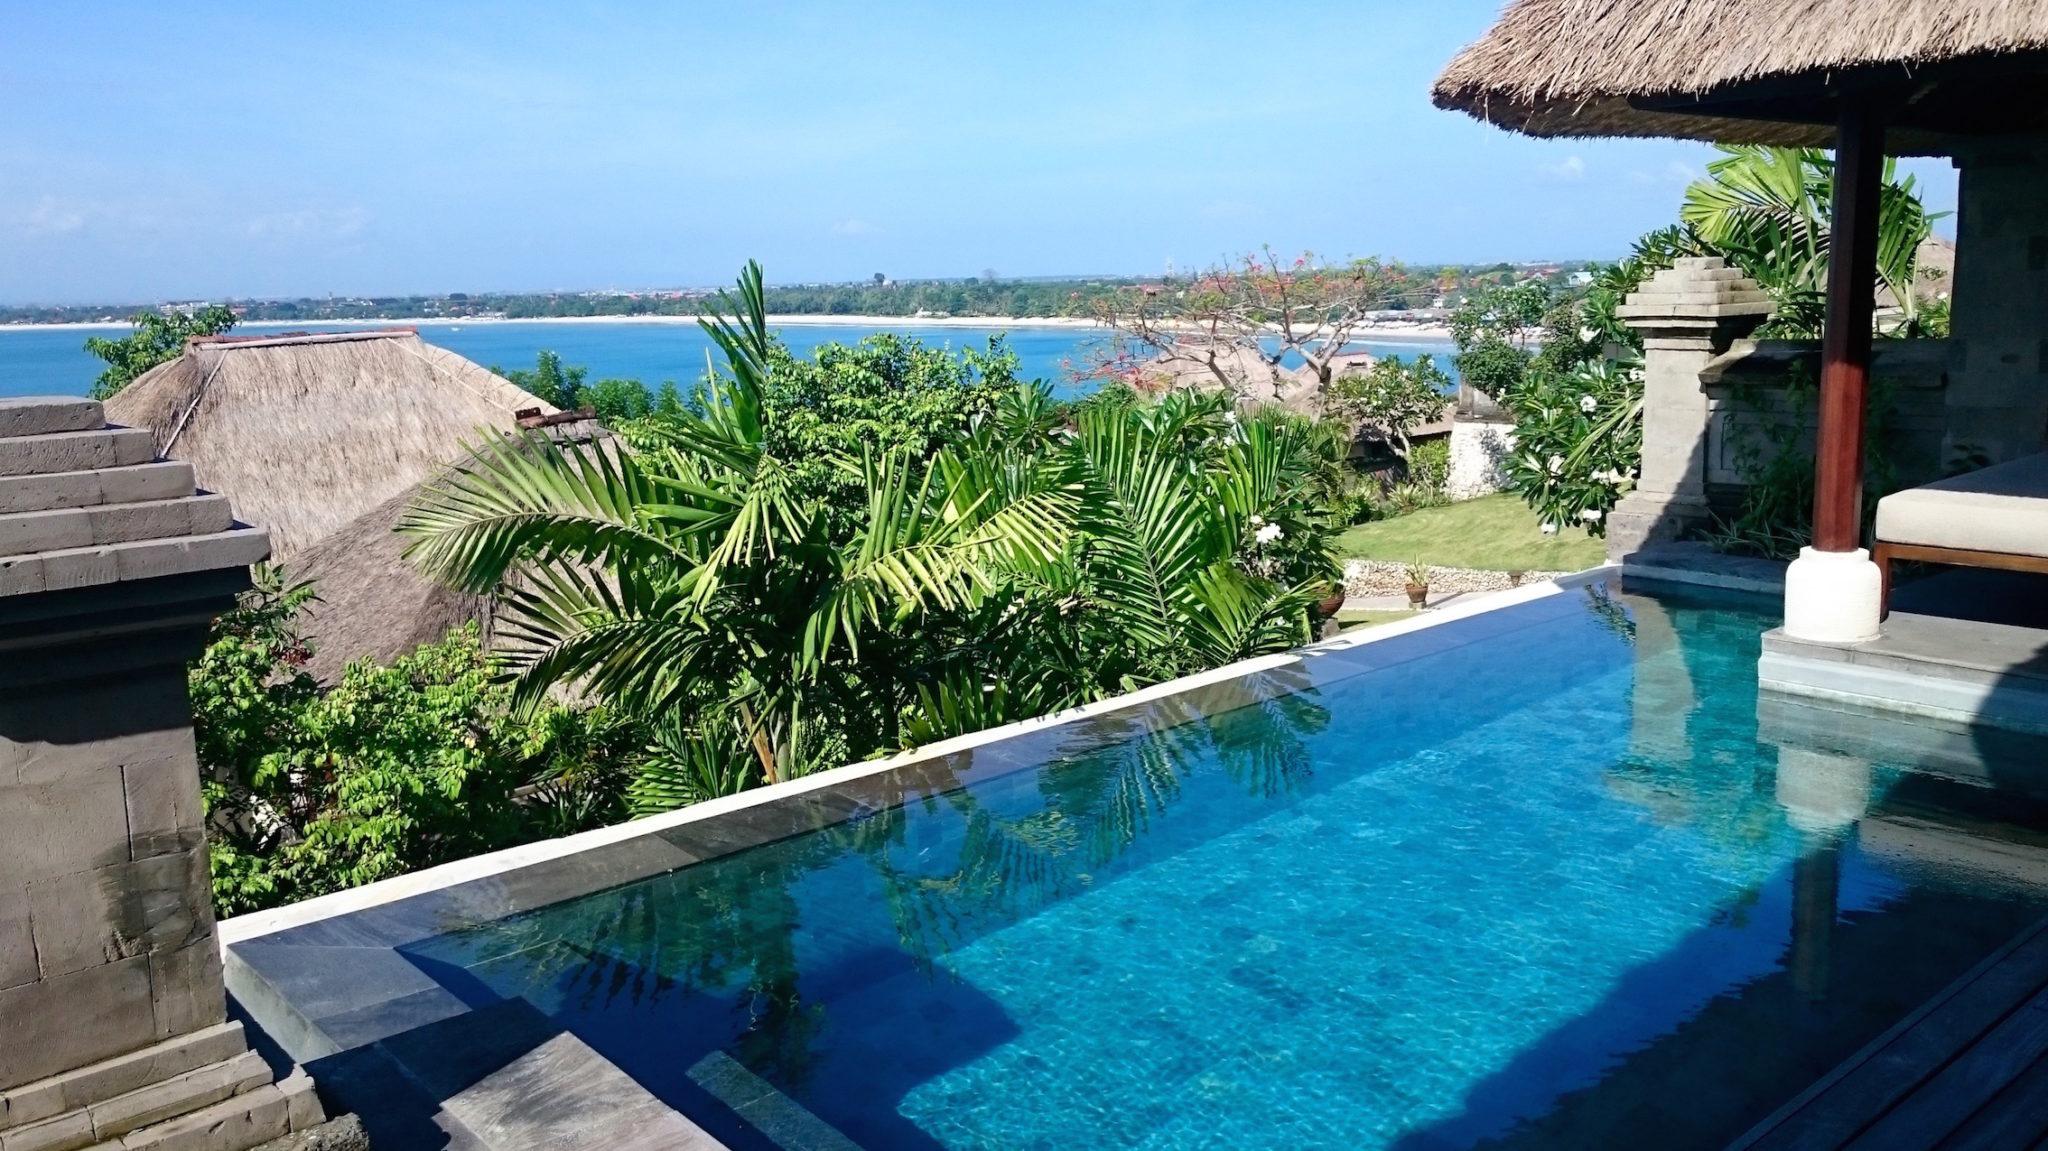 Review: Four Seasons Resort Bali at Jimbaran Bay, Indonesia